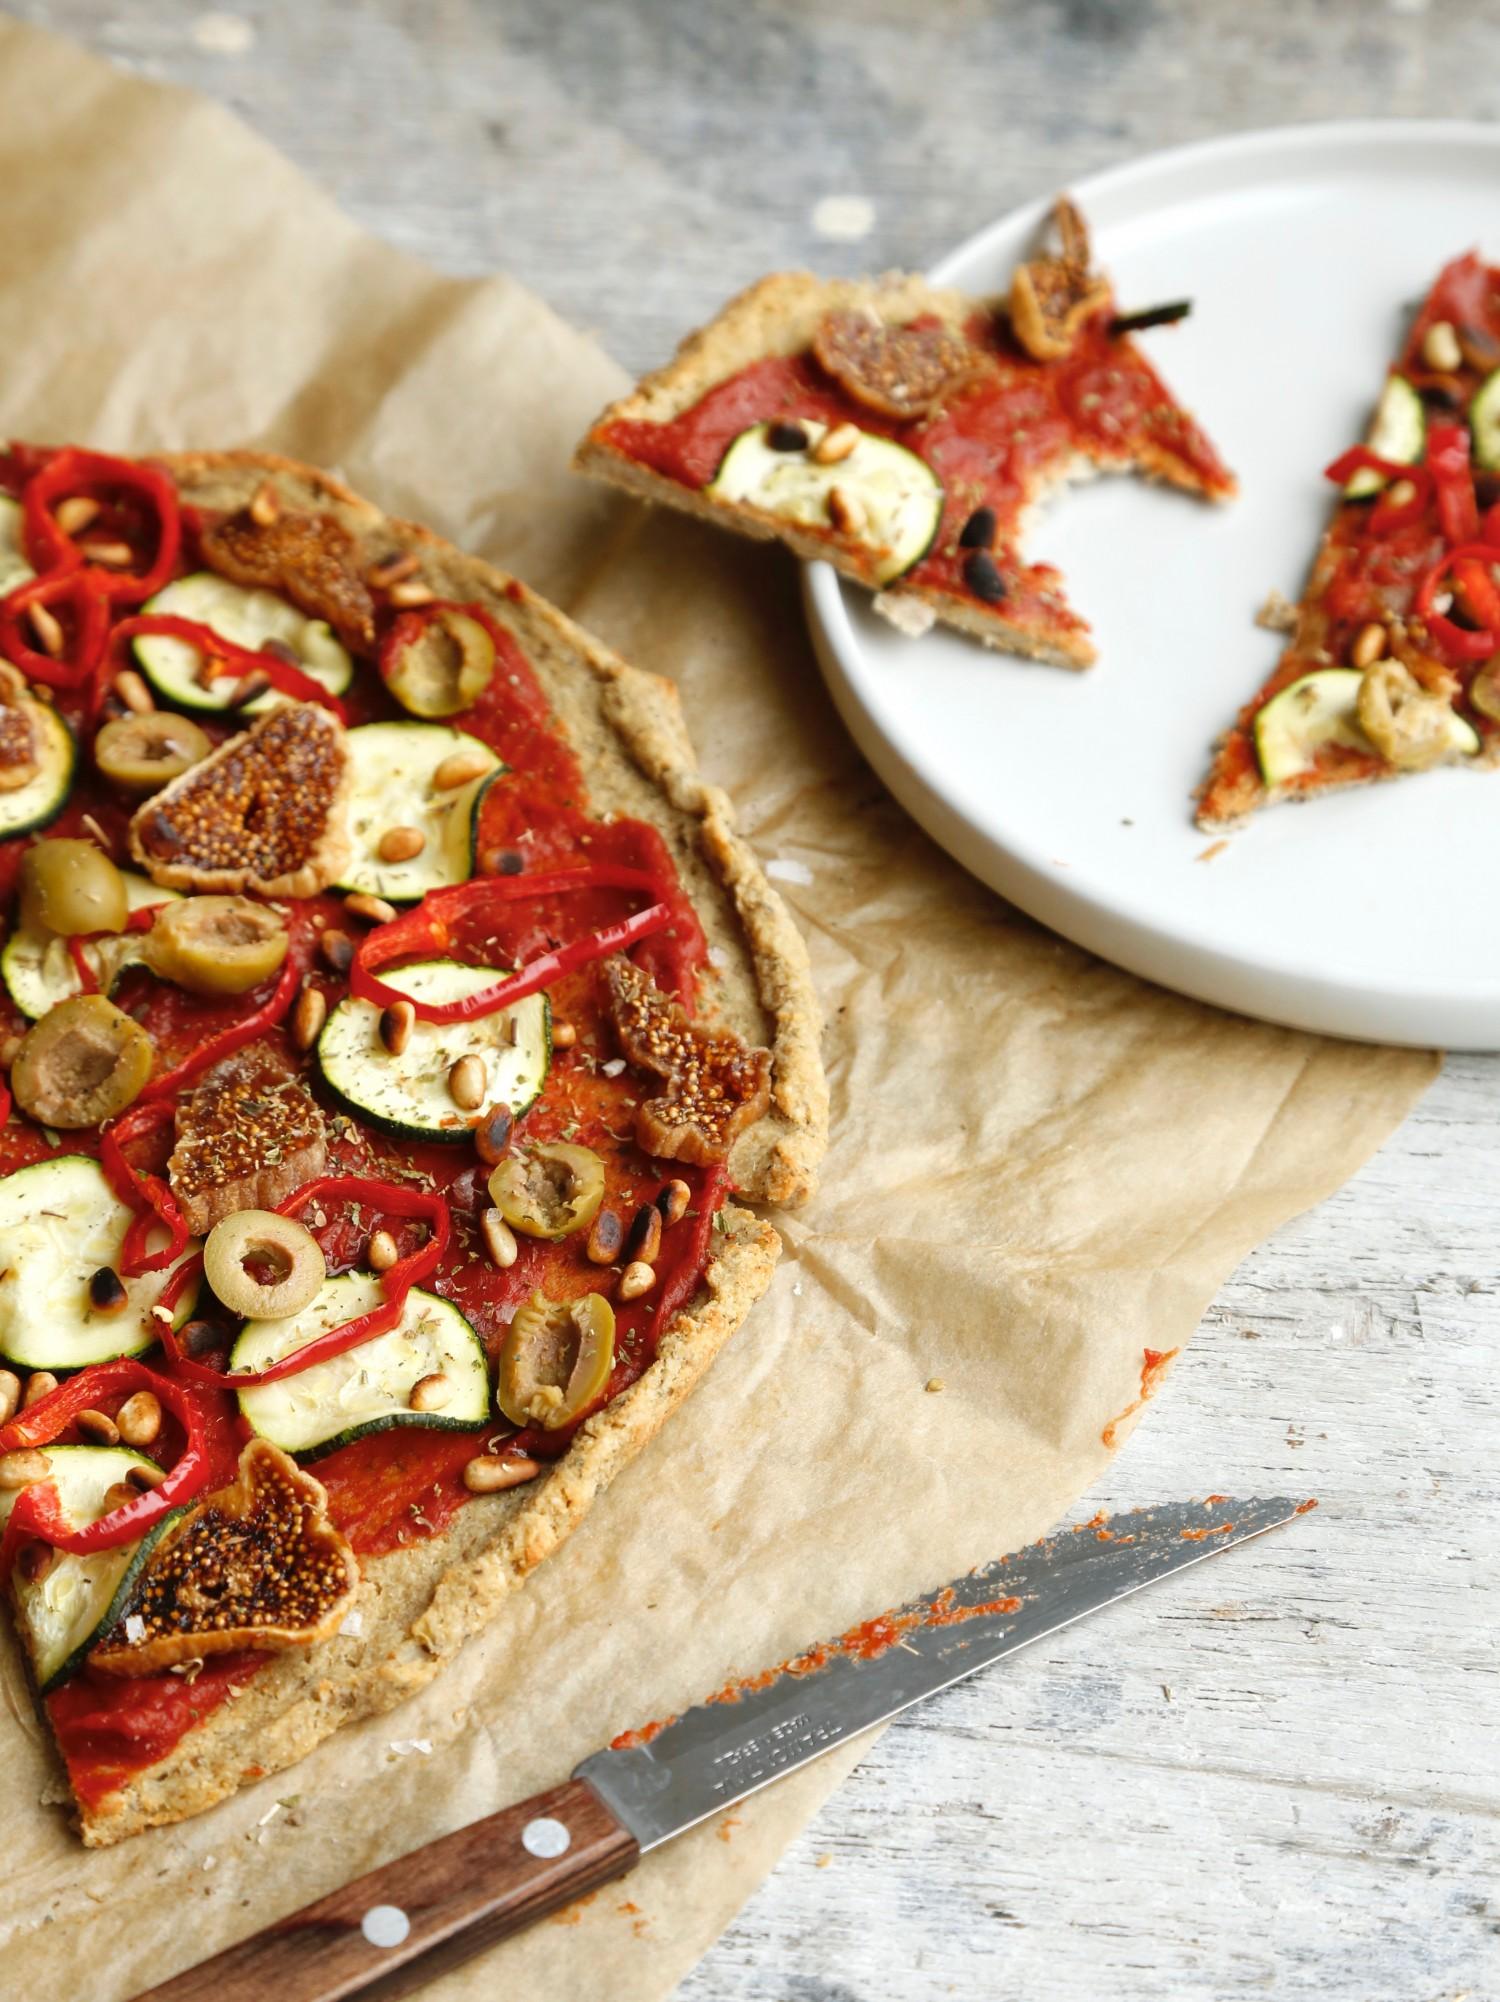 nem-blomkaalspizza-glutenfri-og-vegansk-opskrift-1